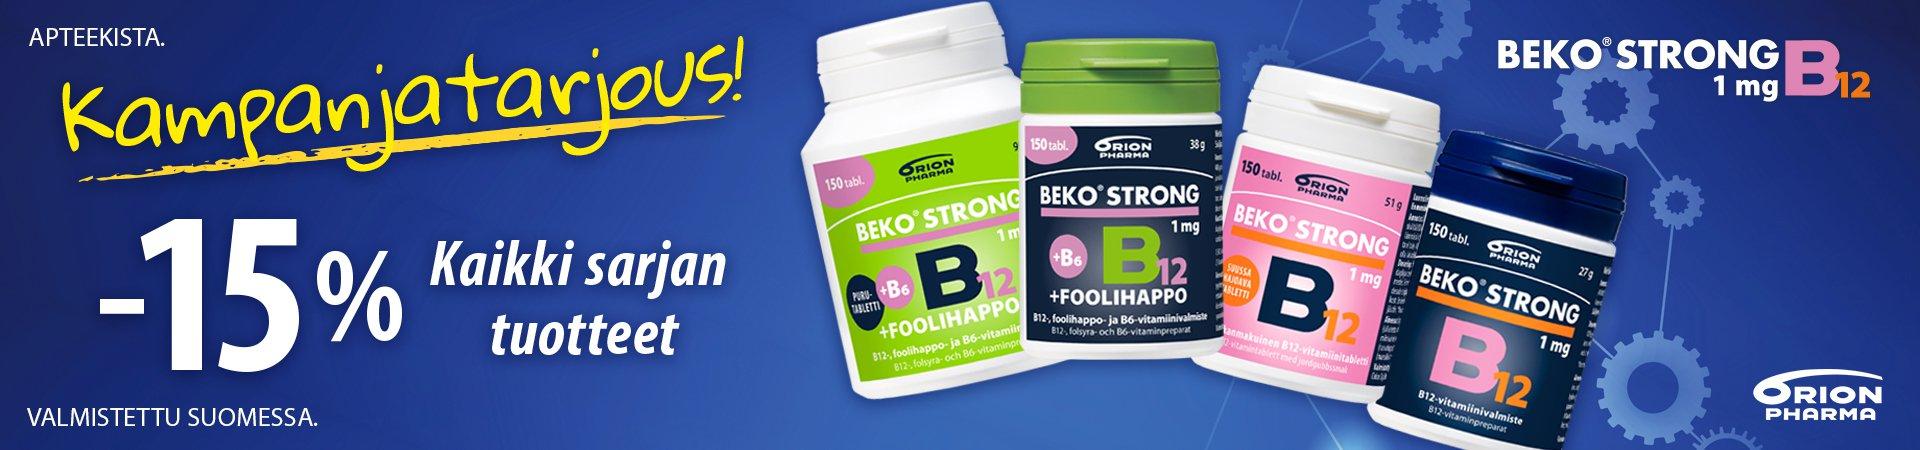 Beko strong sarja -15% maaliskuu 2019